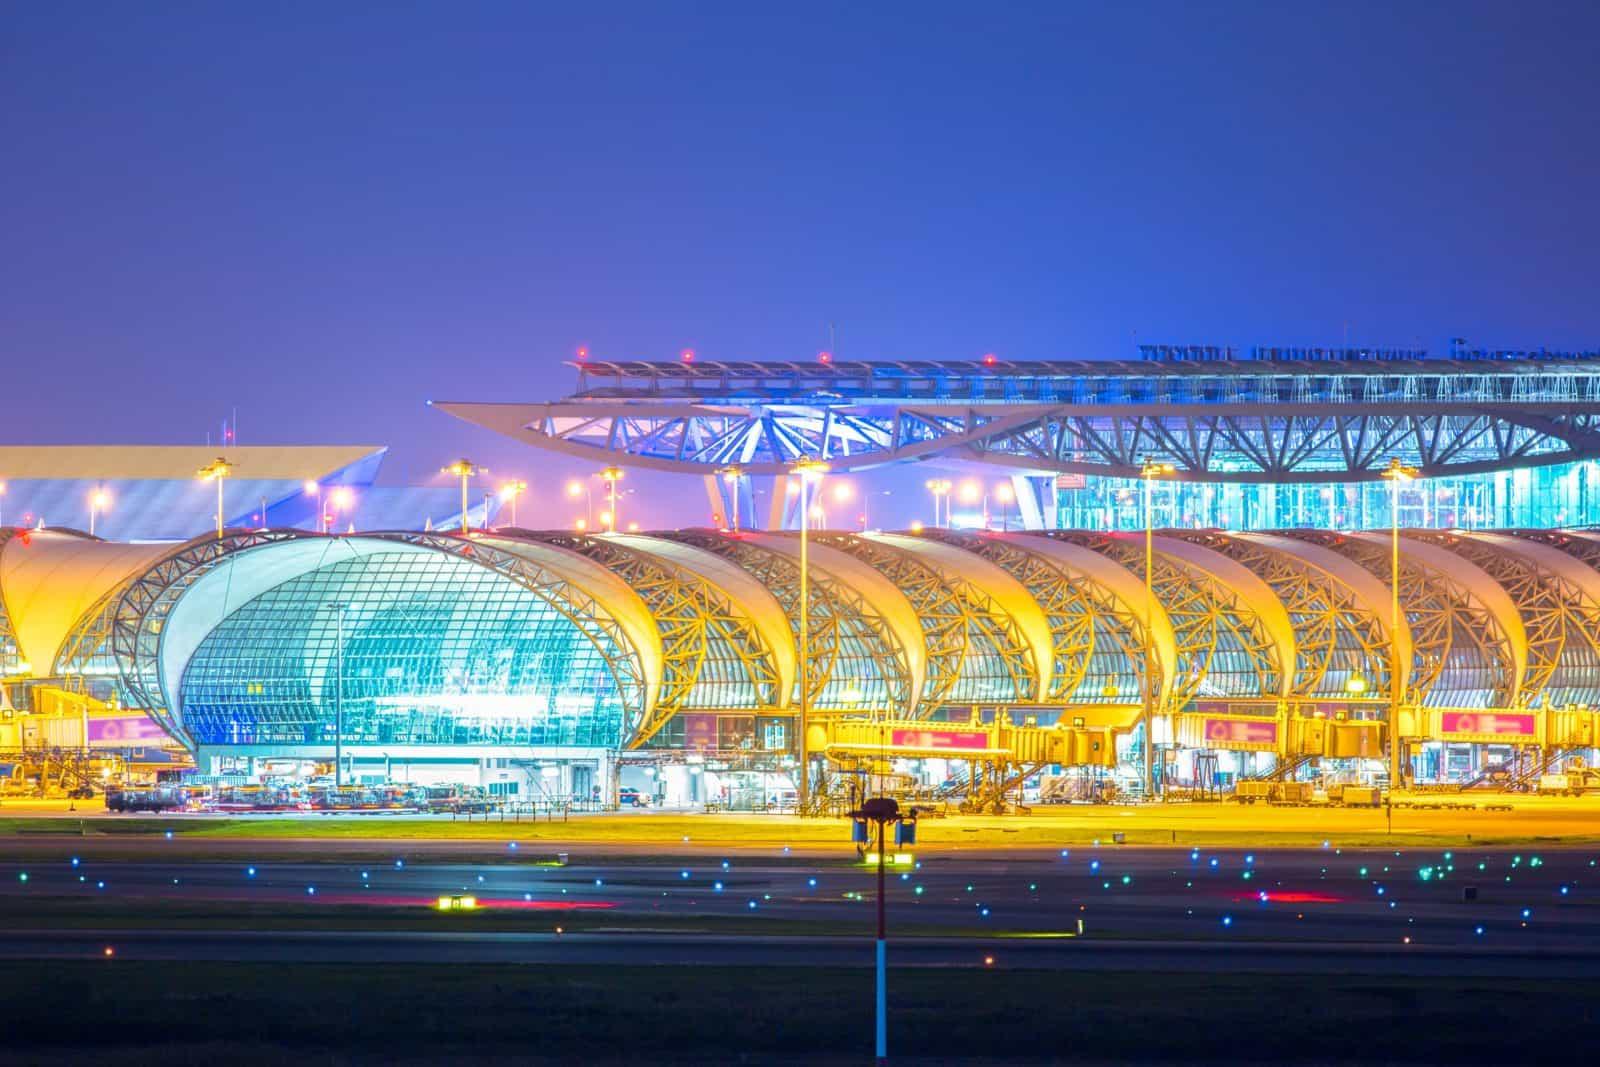 аэропорт суварнахбуми